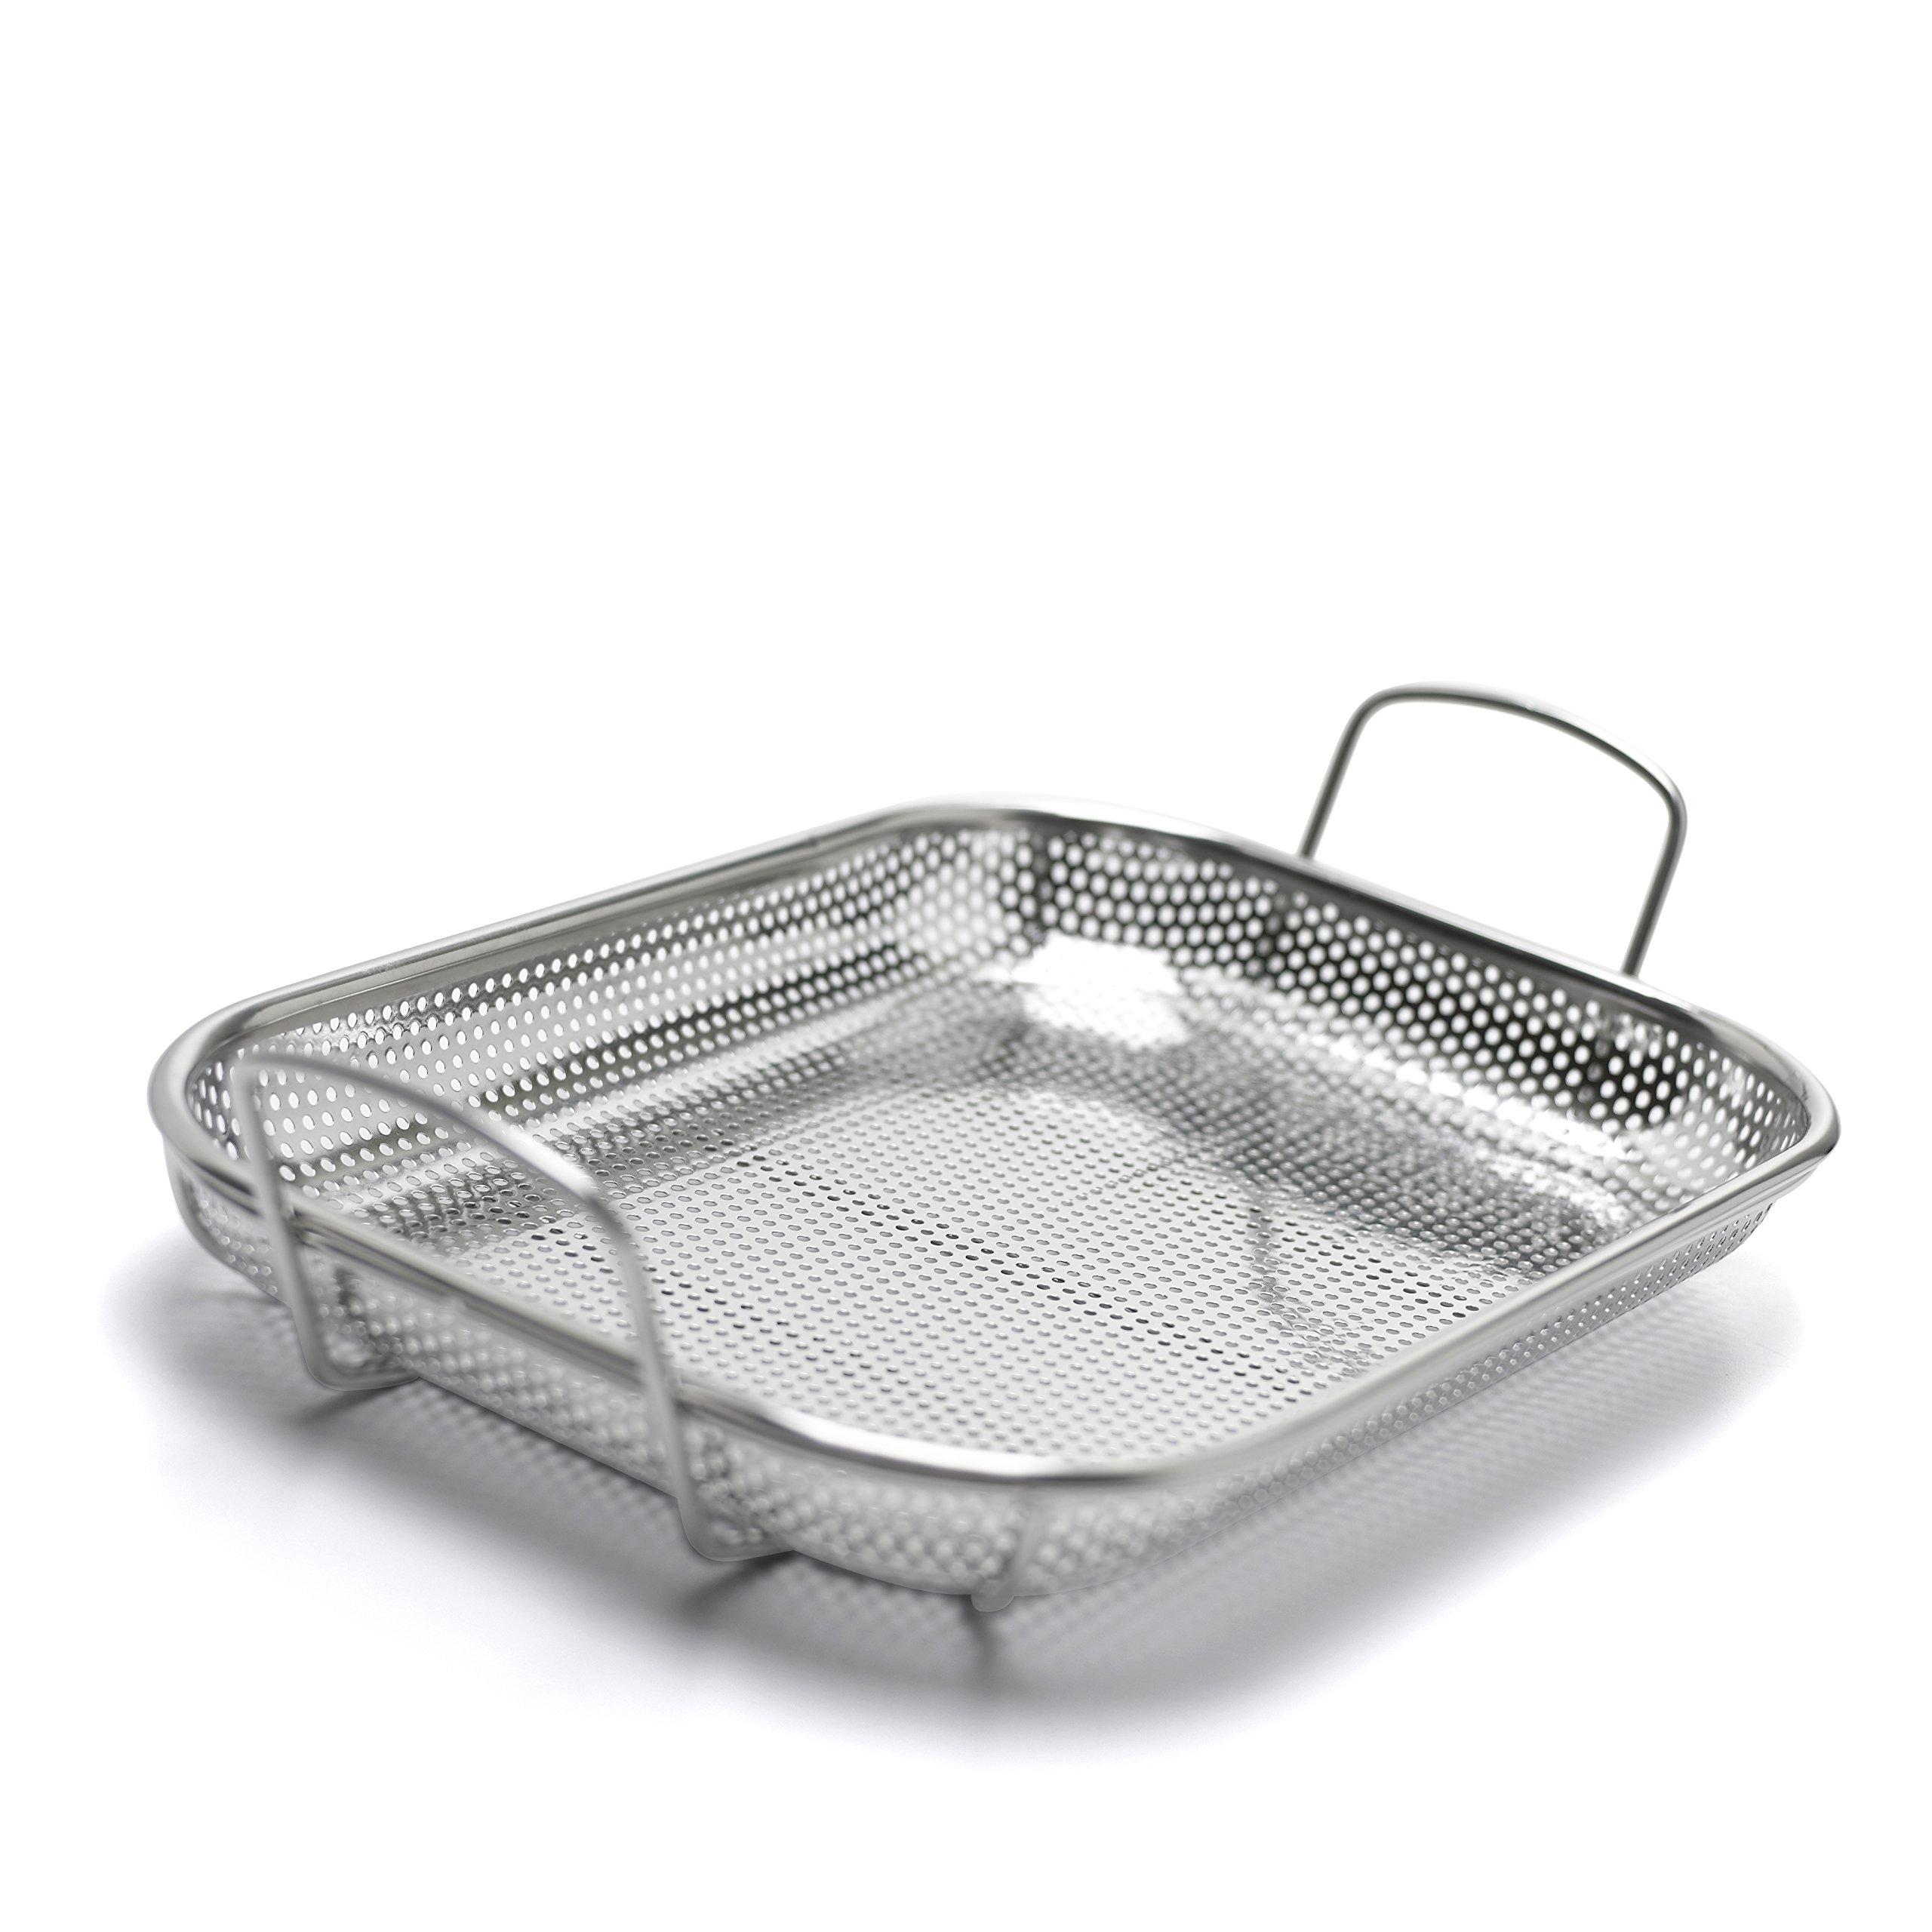 Broil King 69819 Roaster Basket